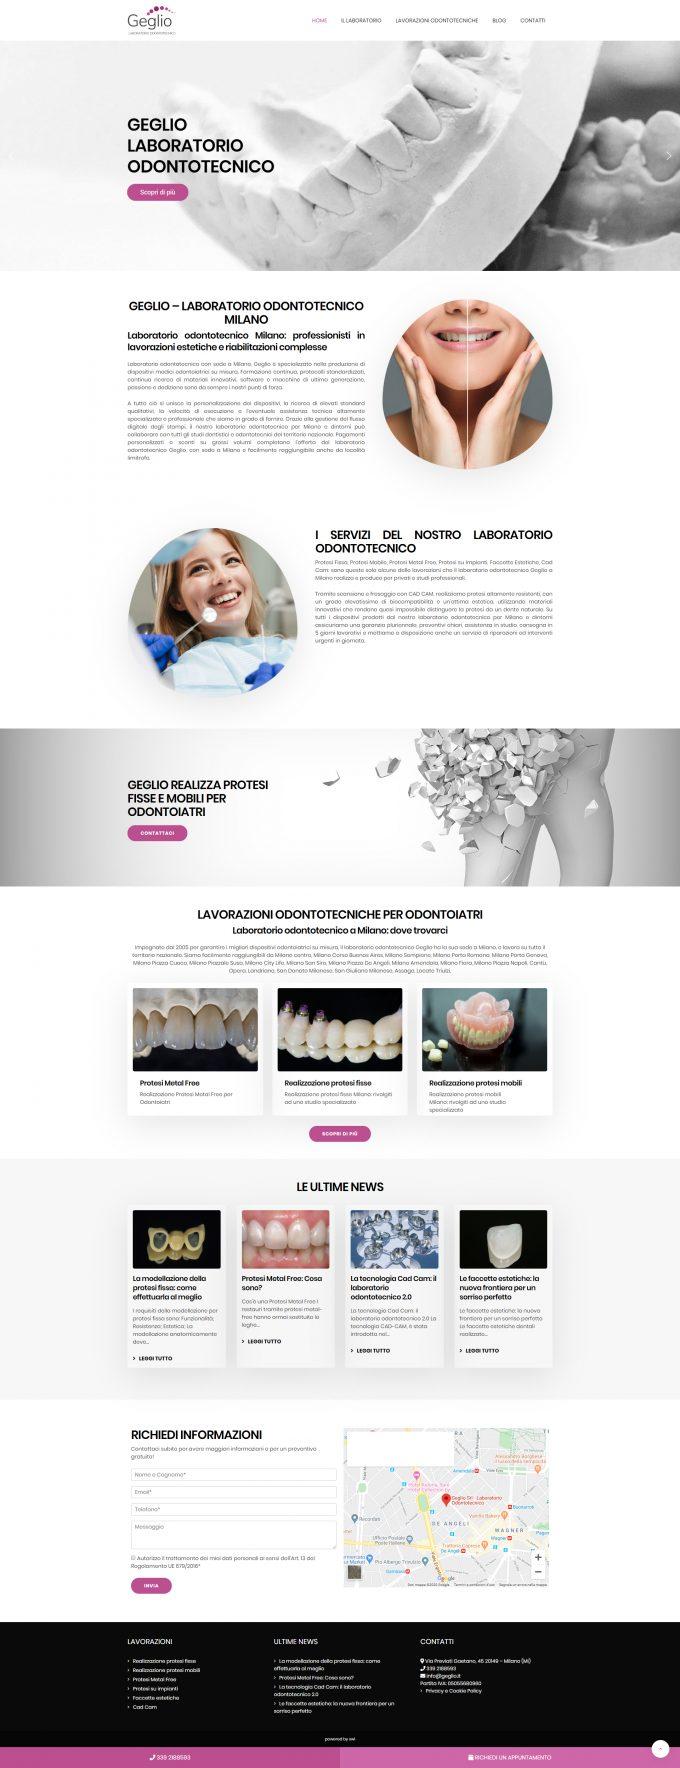 Laboratorio Odontotecnico Geglio – Milano